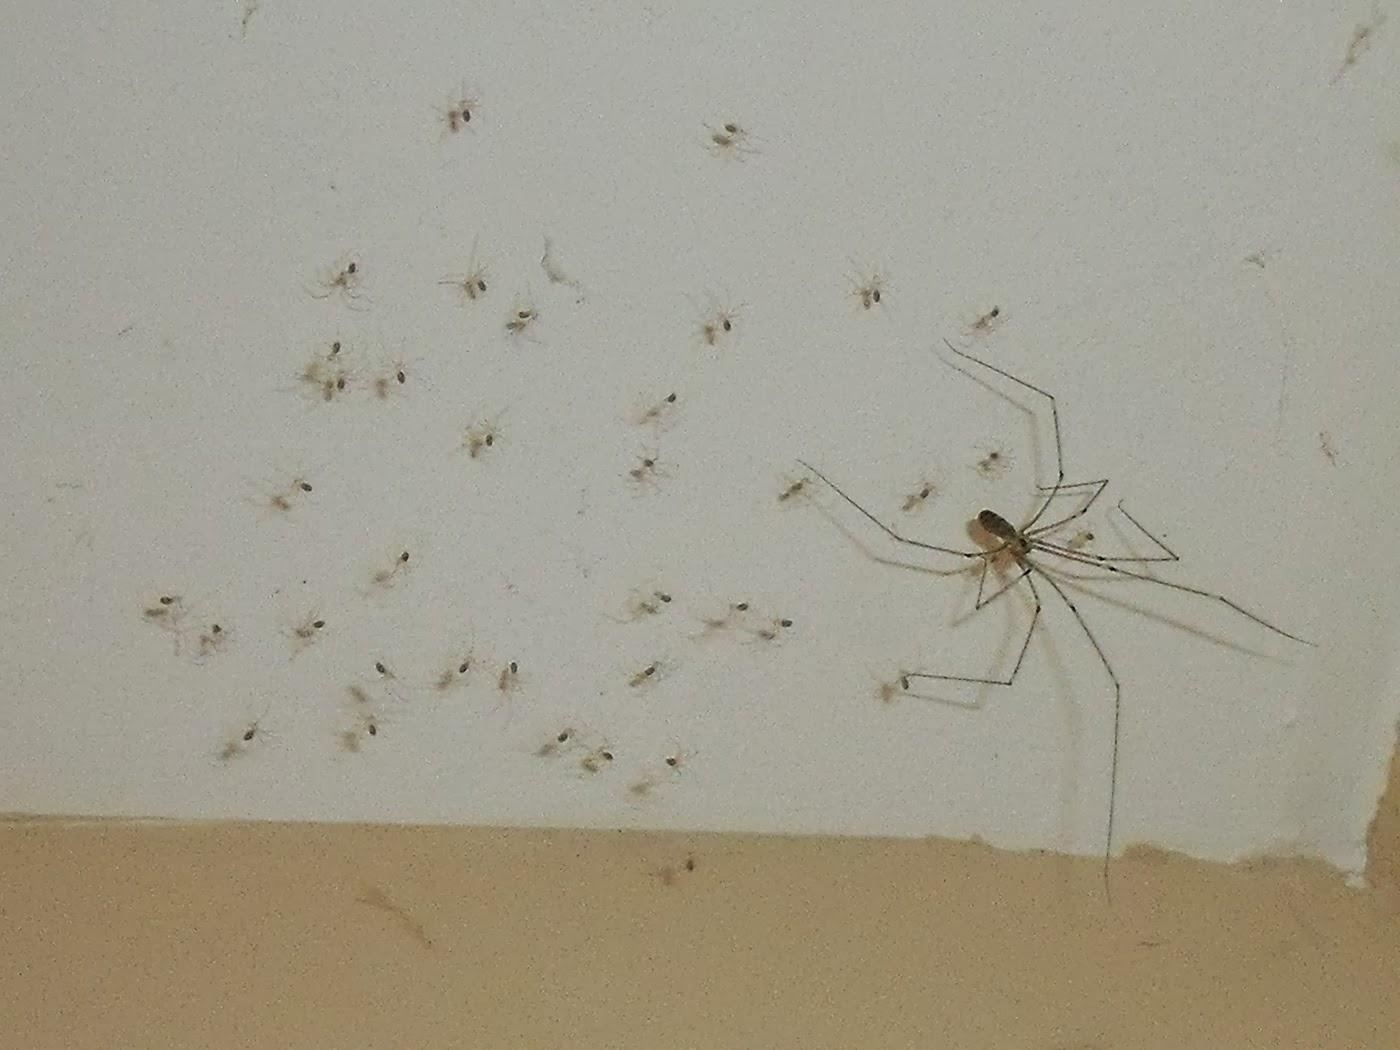 Les mots d 39 isis avoir une araign e au plafond for Araignees dans maison